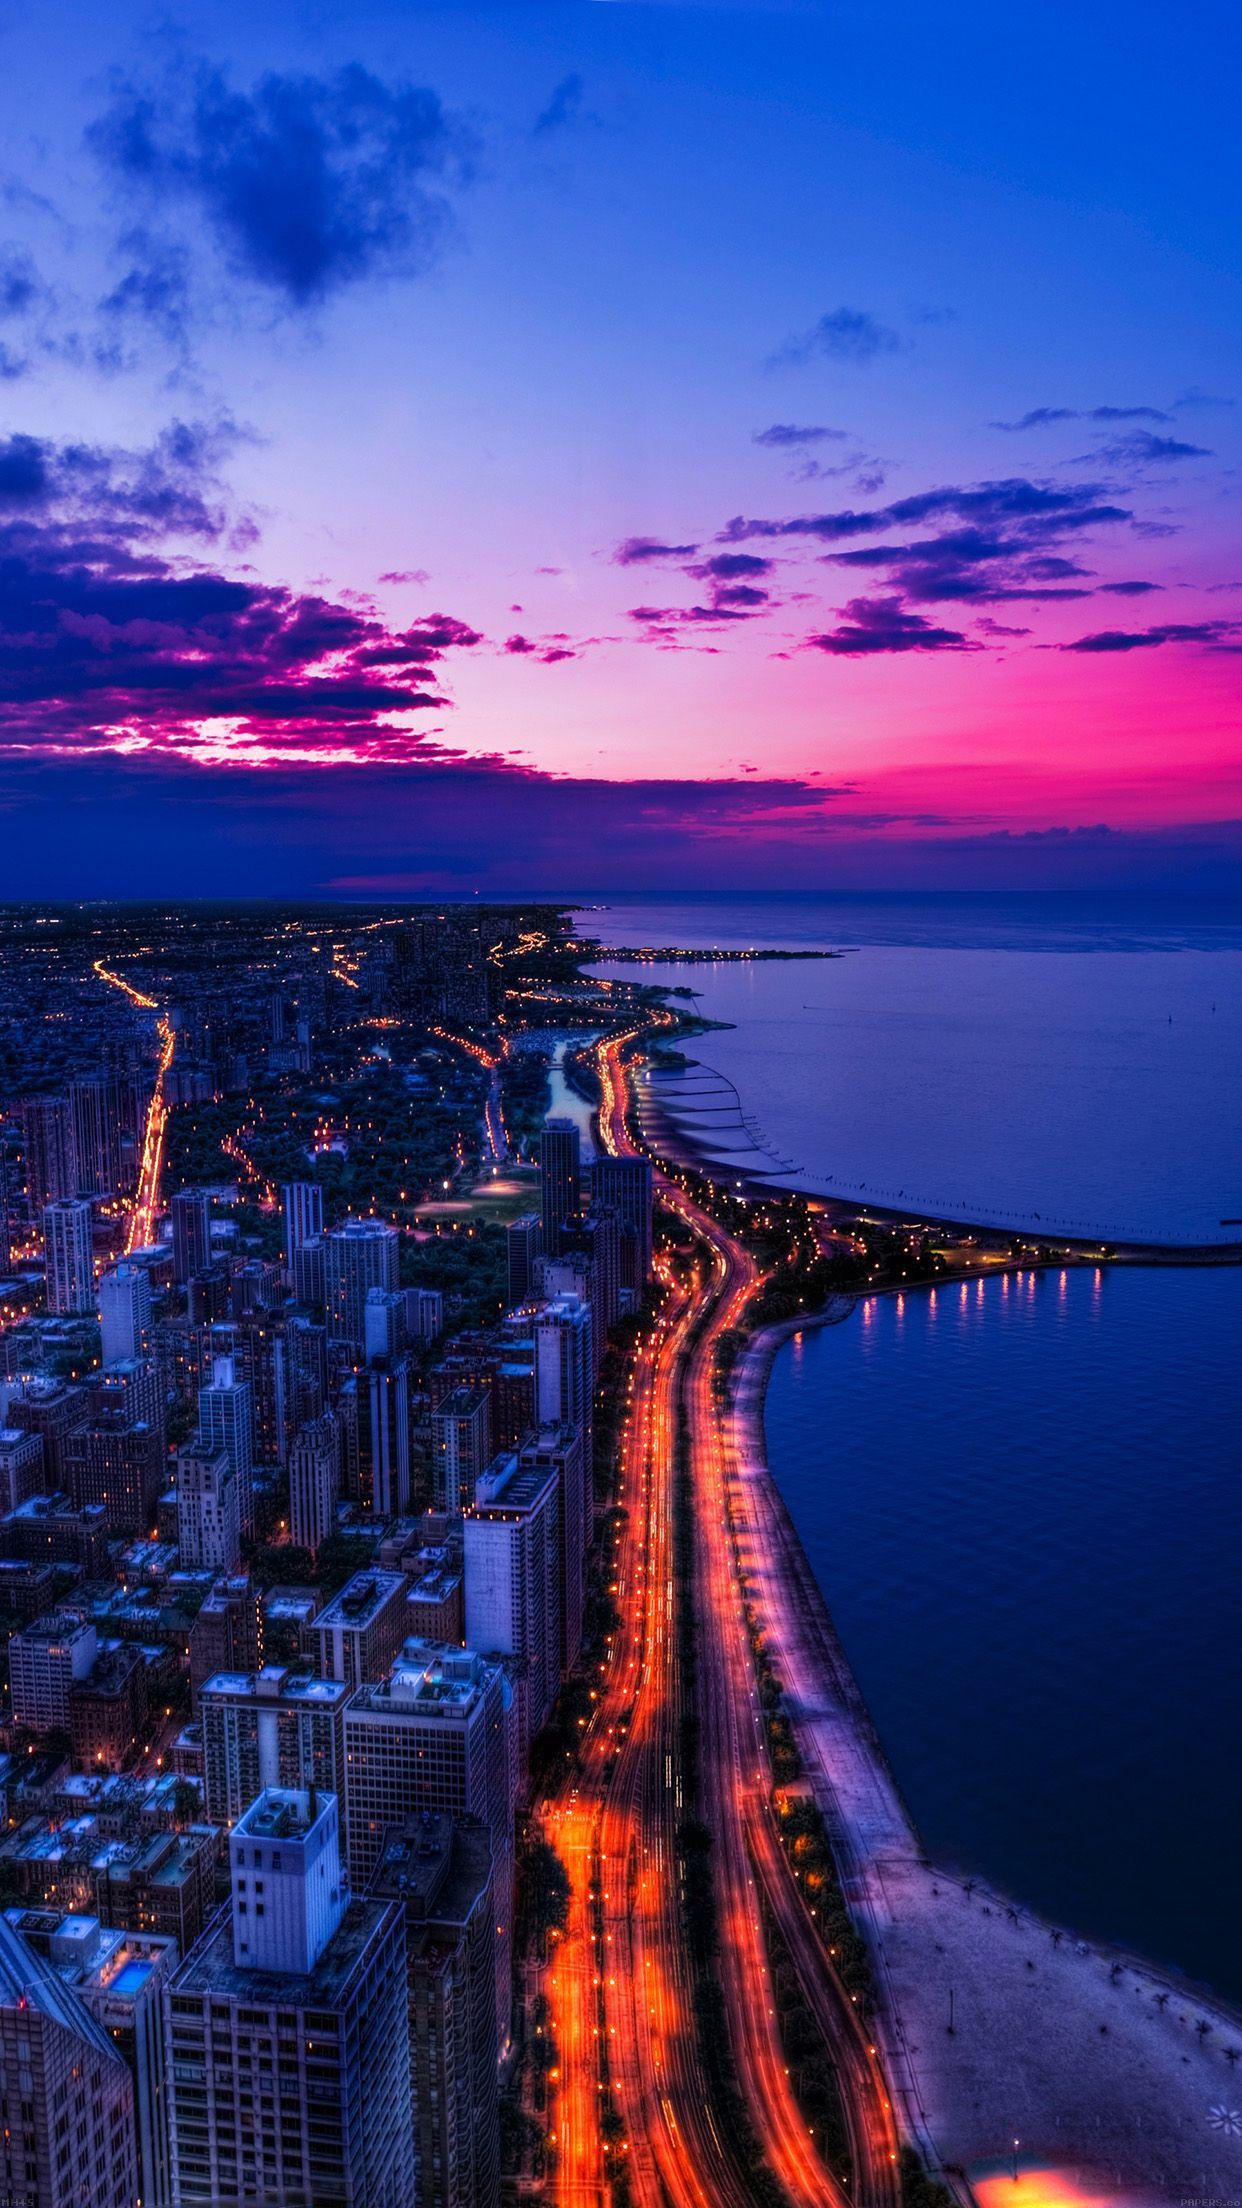 画像 夜景 Iphone6用 美しい夜景の壁紙 待受 Naver まとめ Landscape Wallpaper City Wallpaper Sky Aesthetic